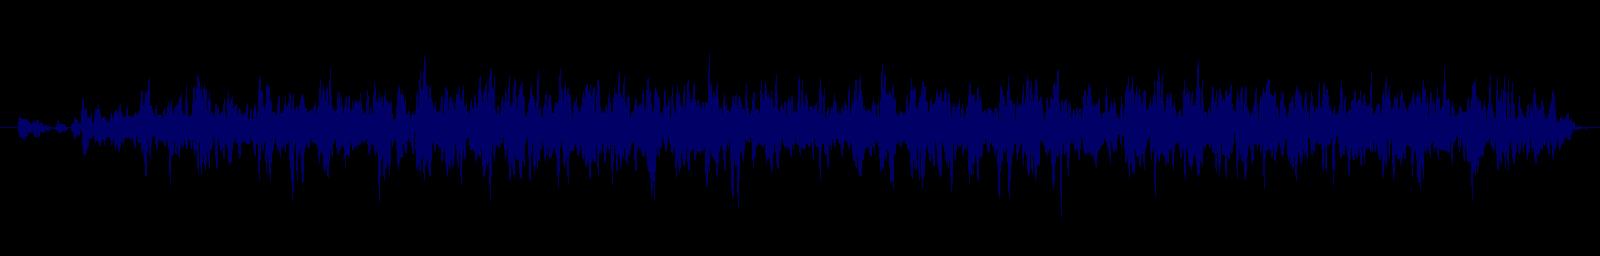 waveform of track #159745